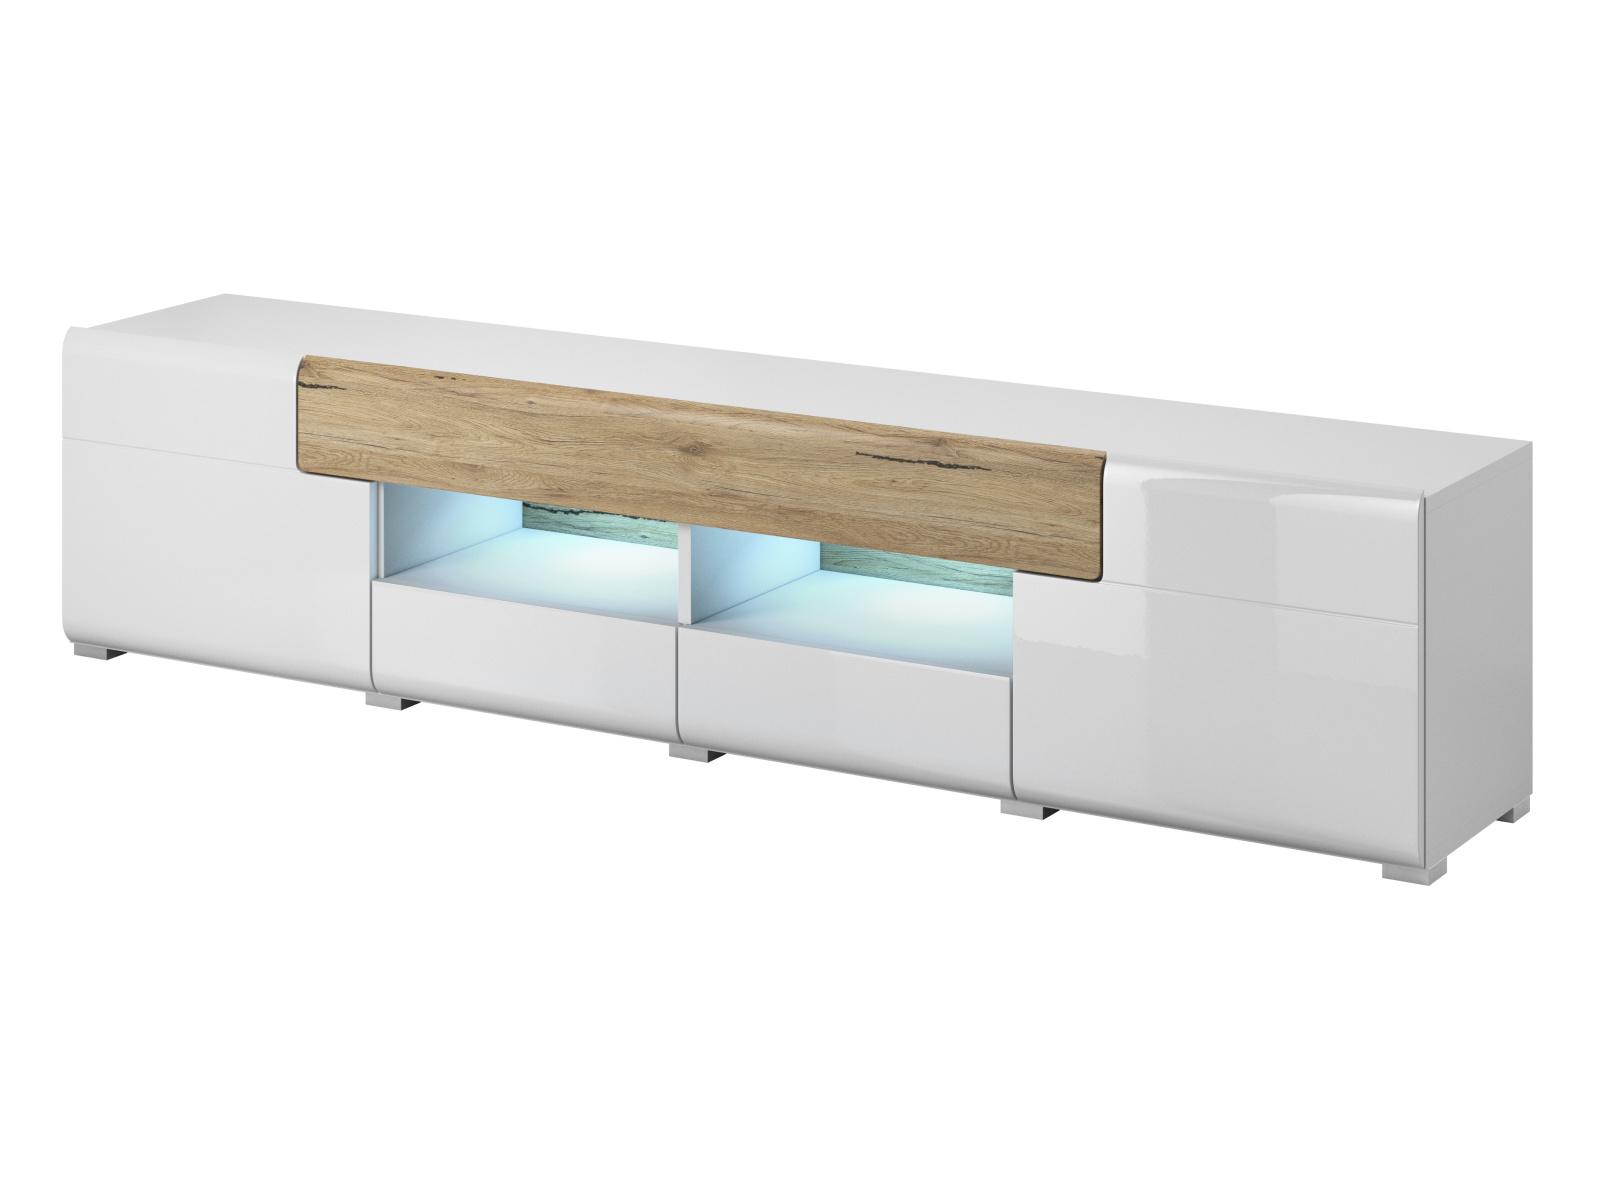 Smartshop TOLEDO TV stolek TYP 40, dub san remo/bilá lesk